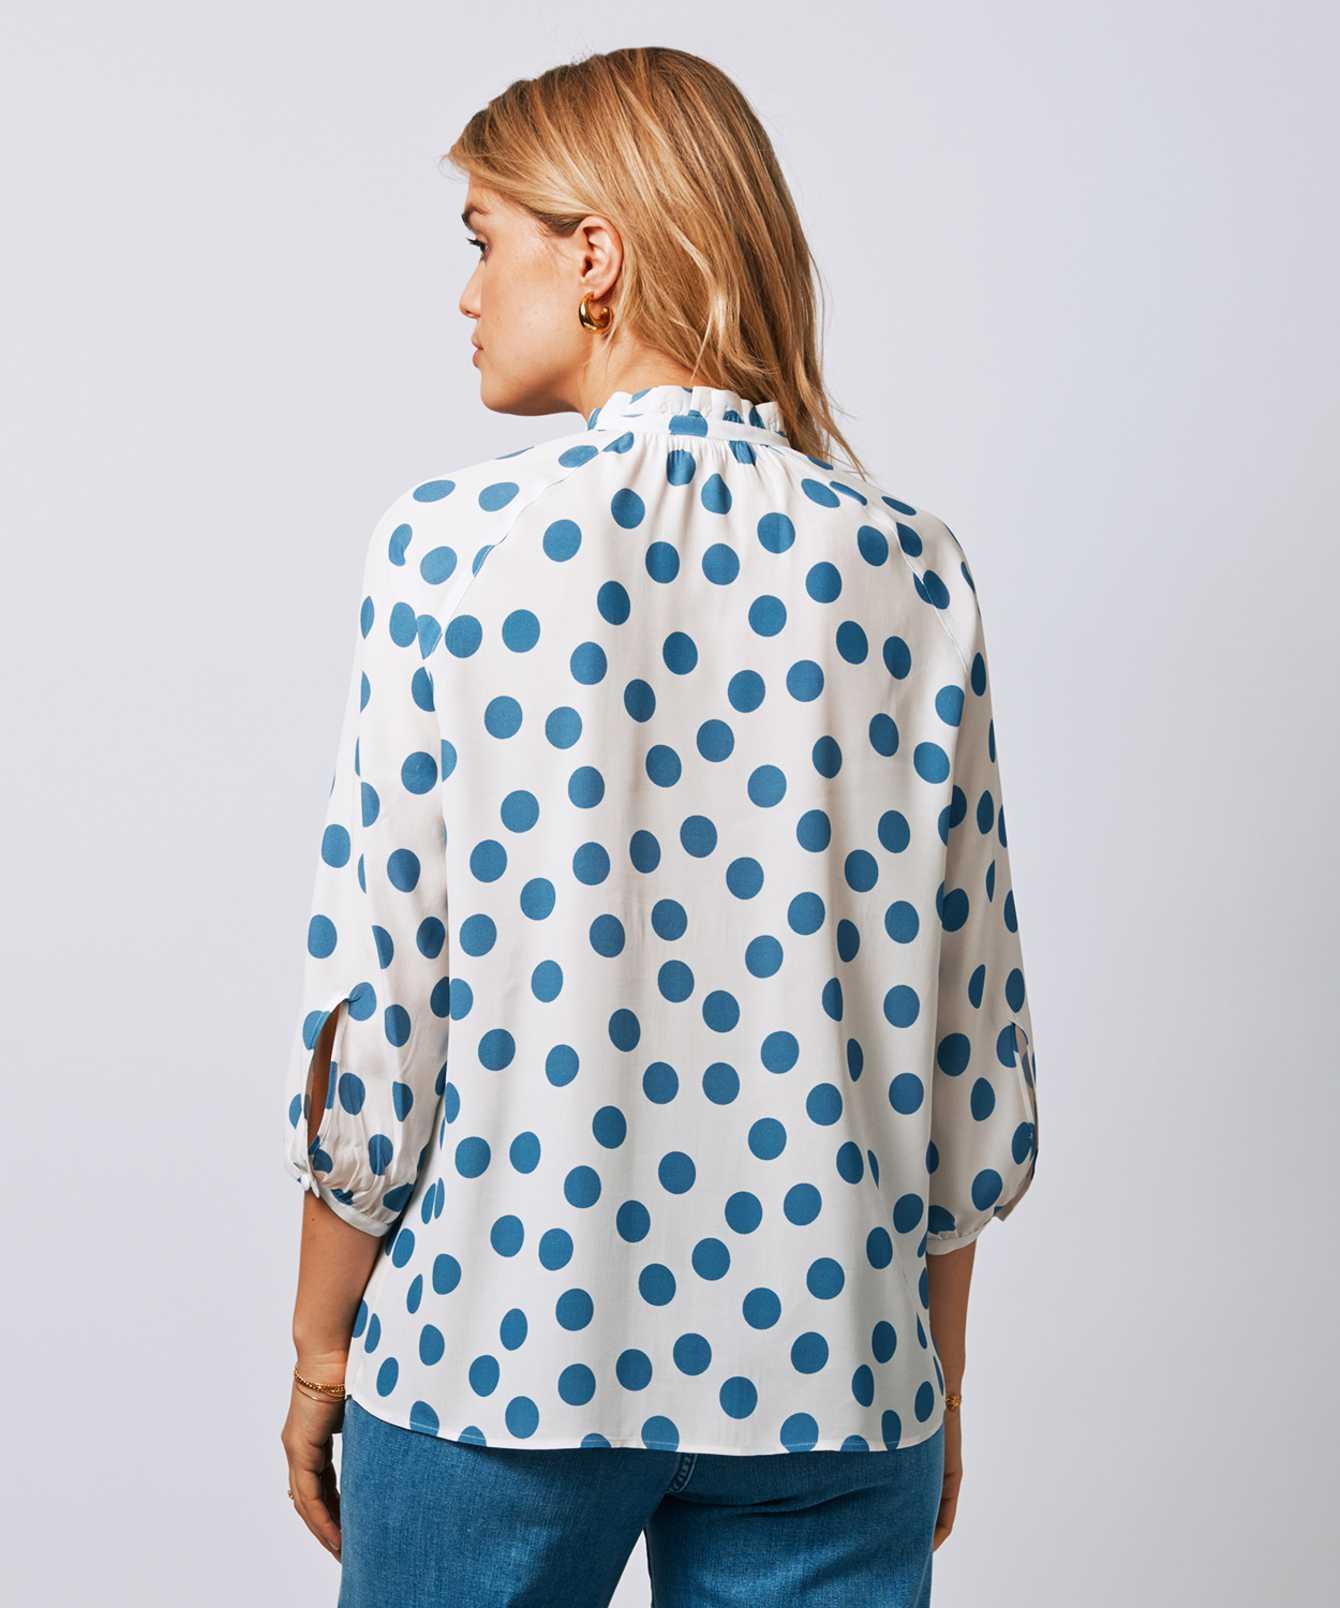 Skjorta Mary Polka  The Shirt Factory